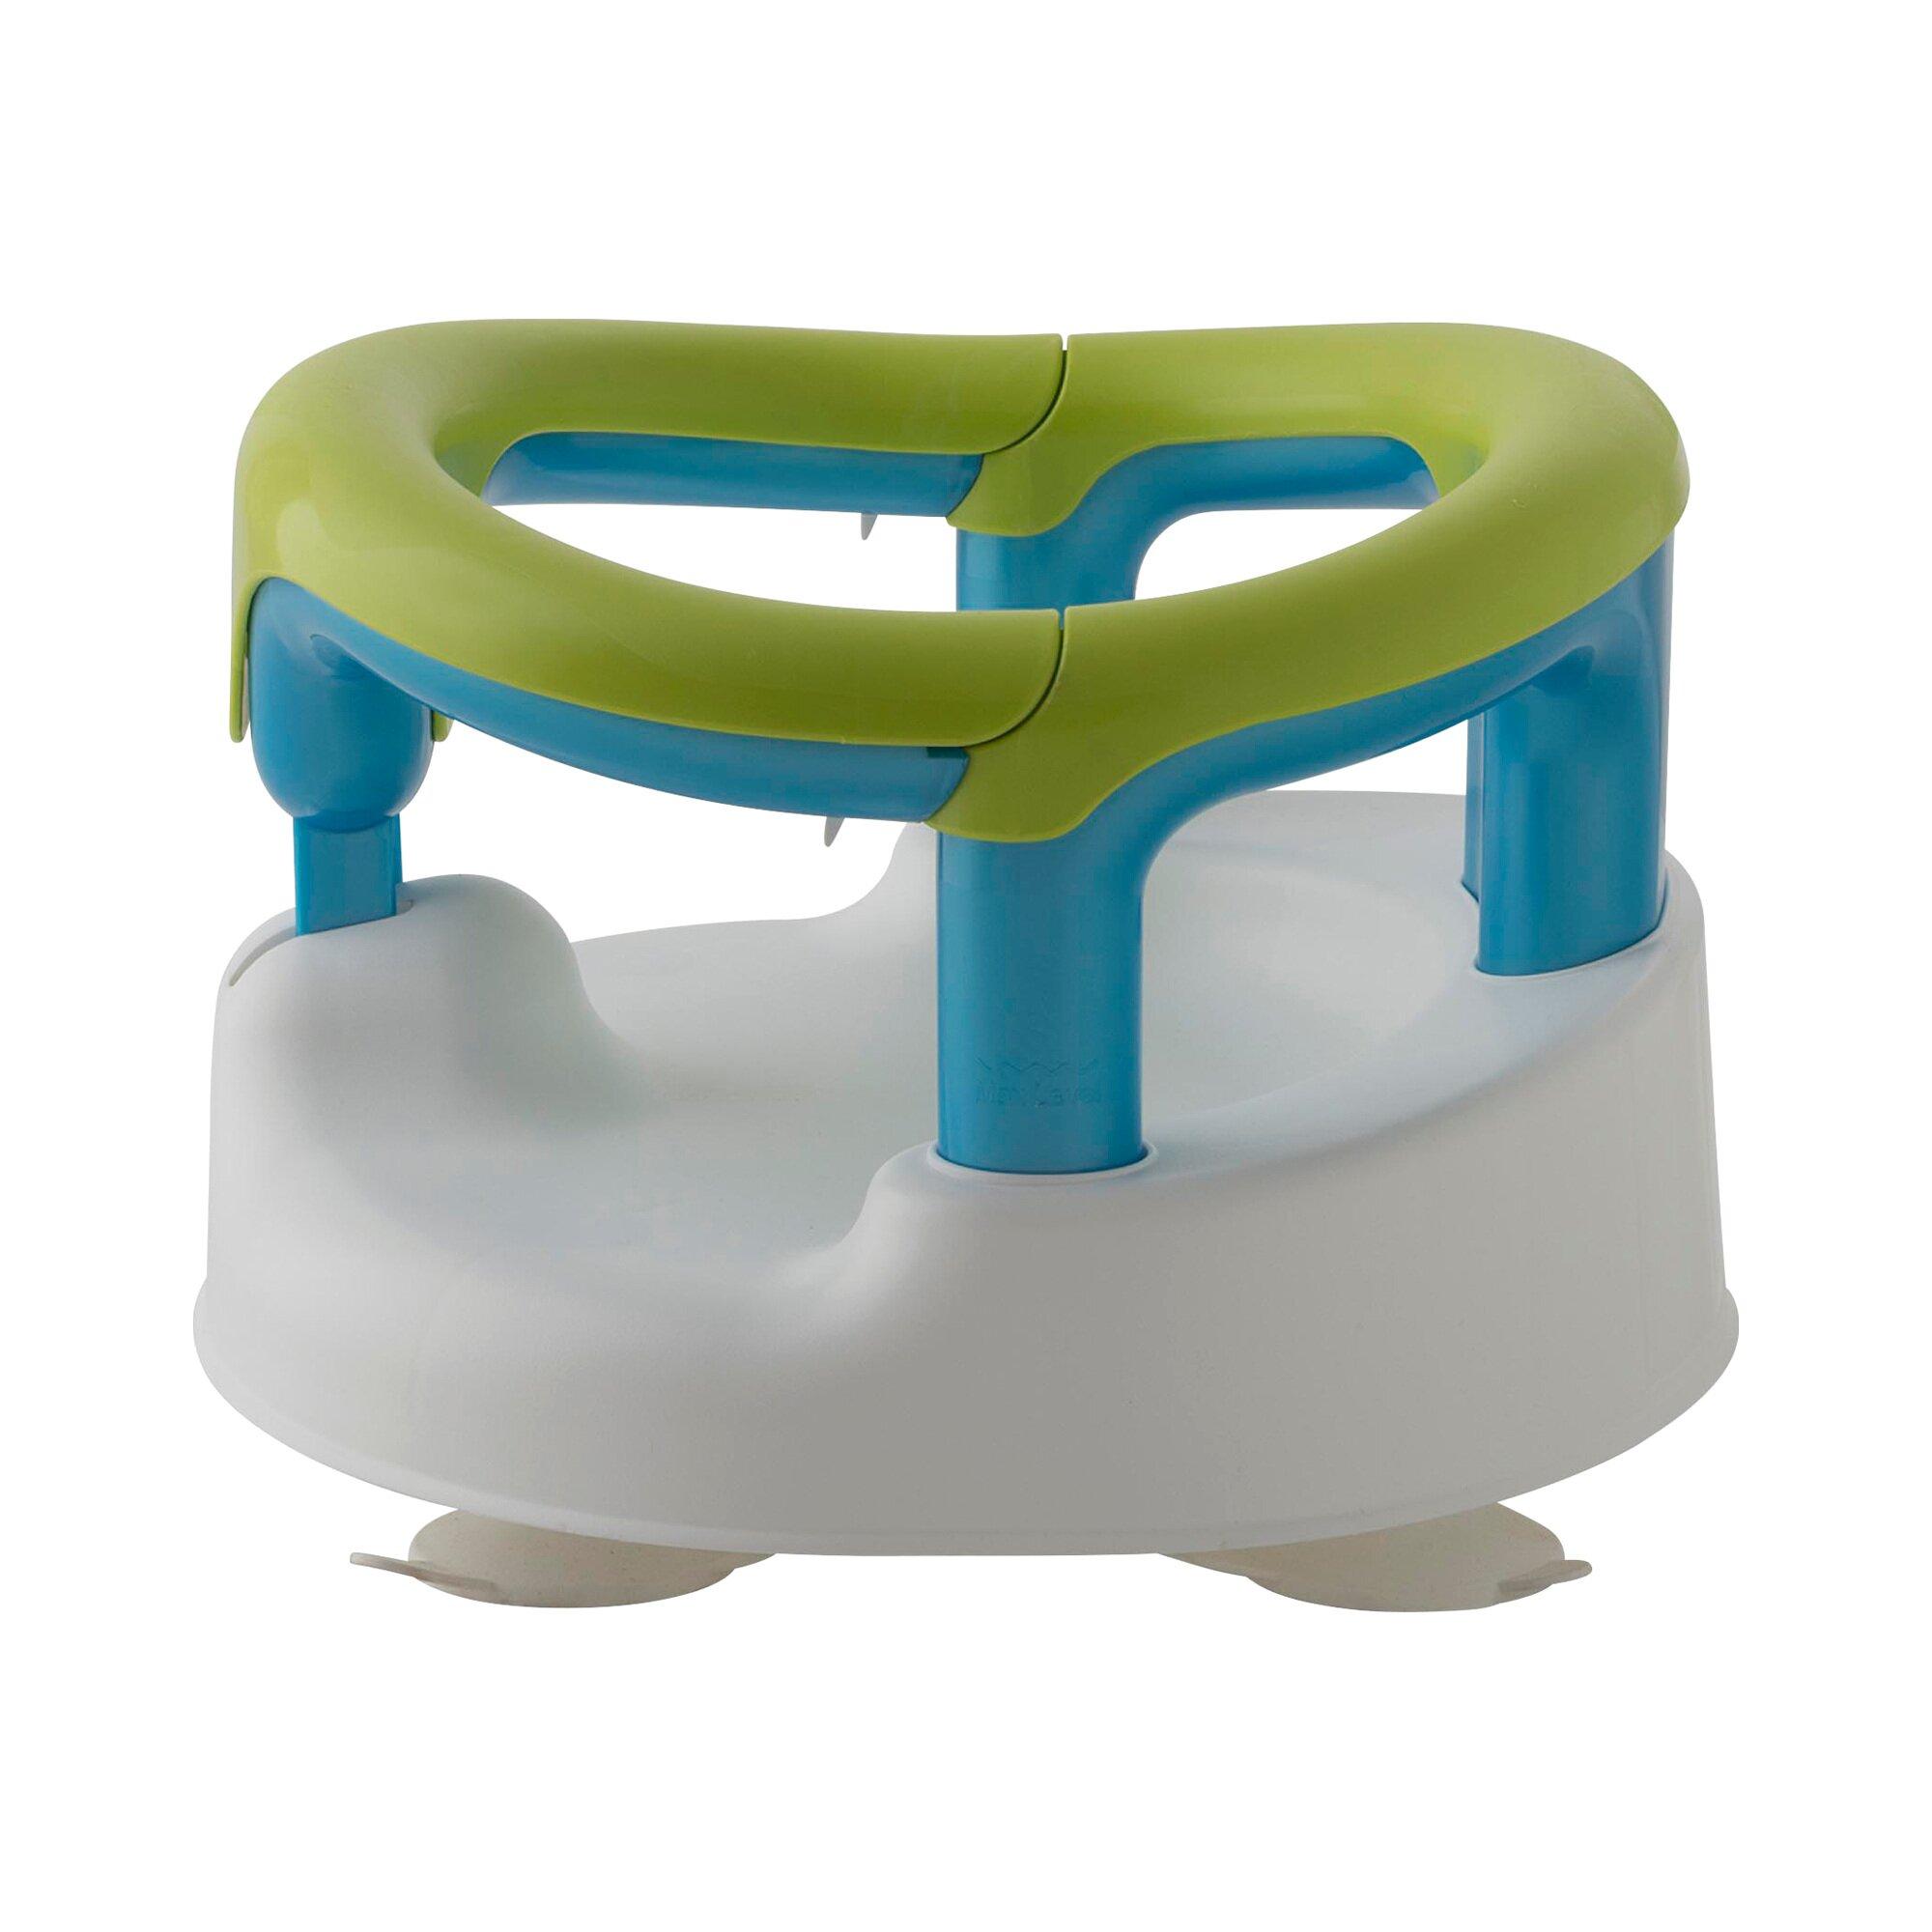 rotho-babydesign-badesitz